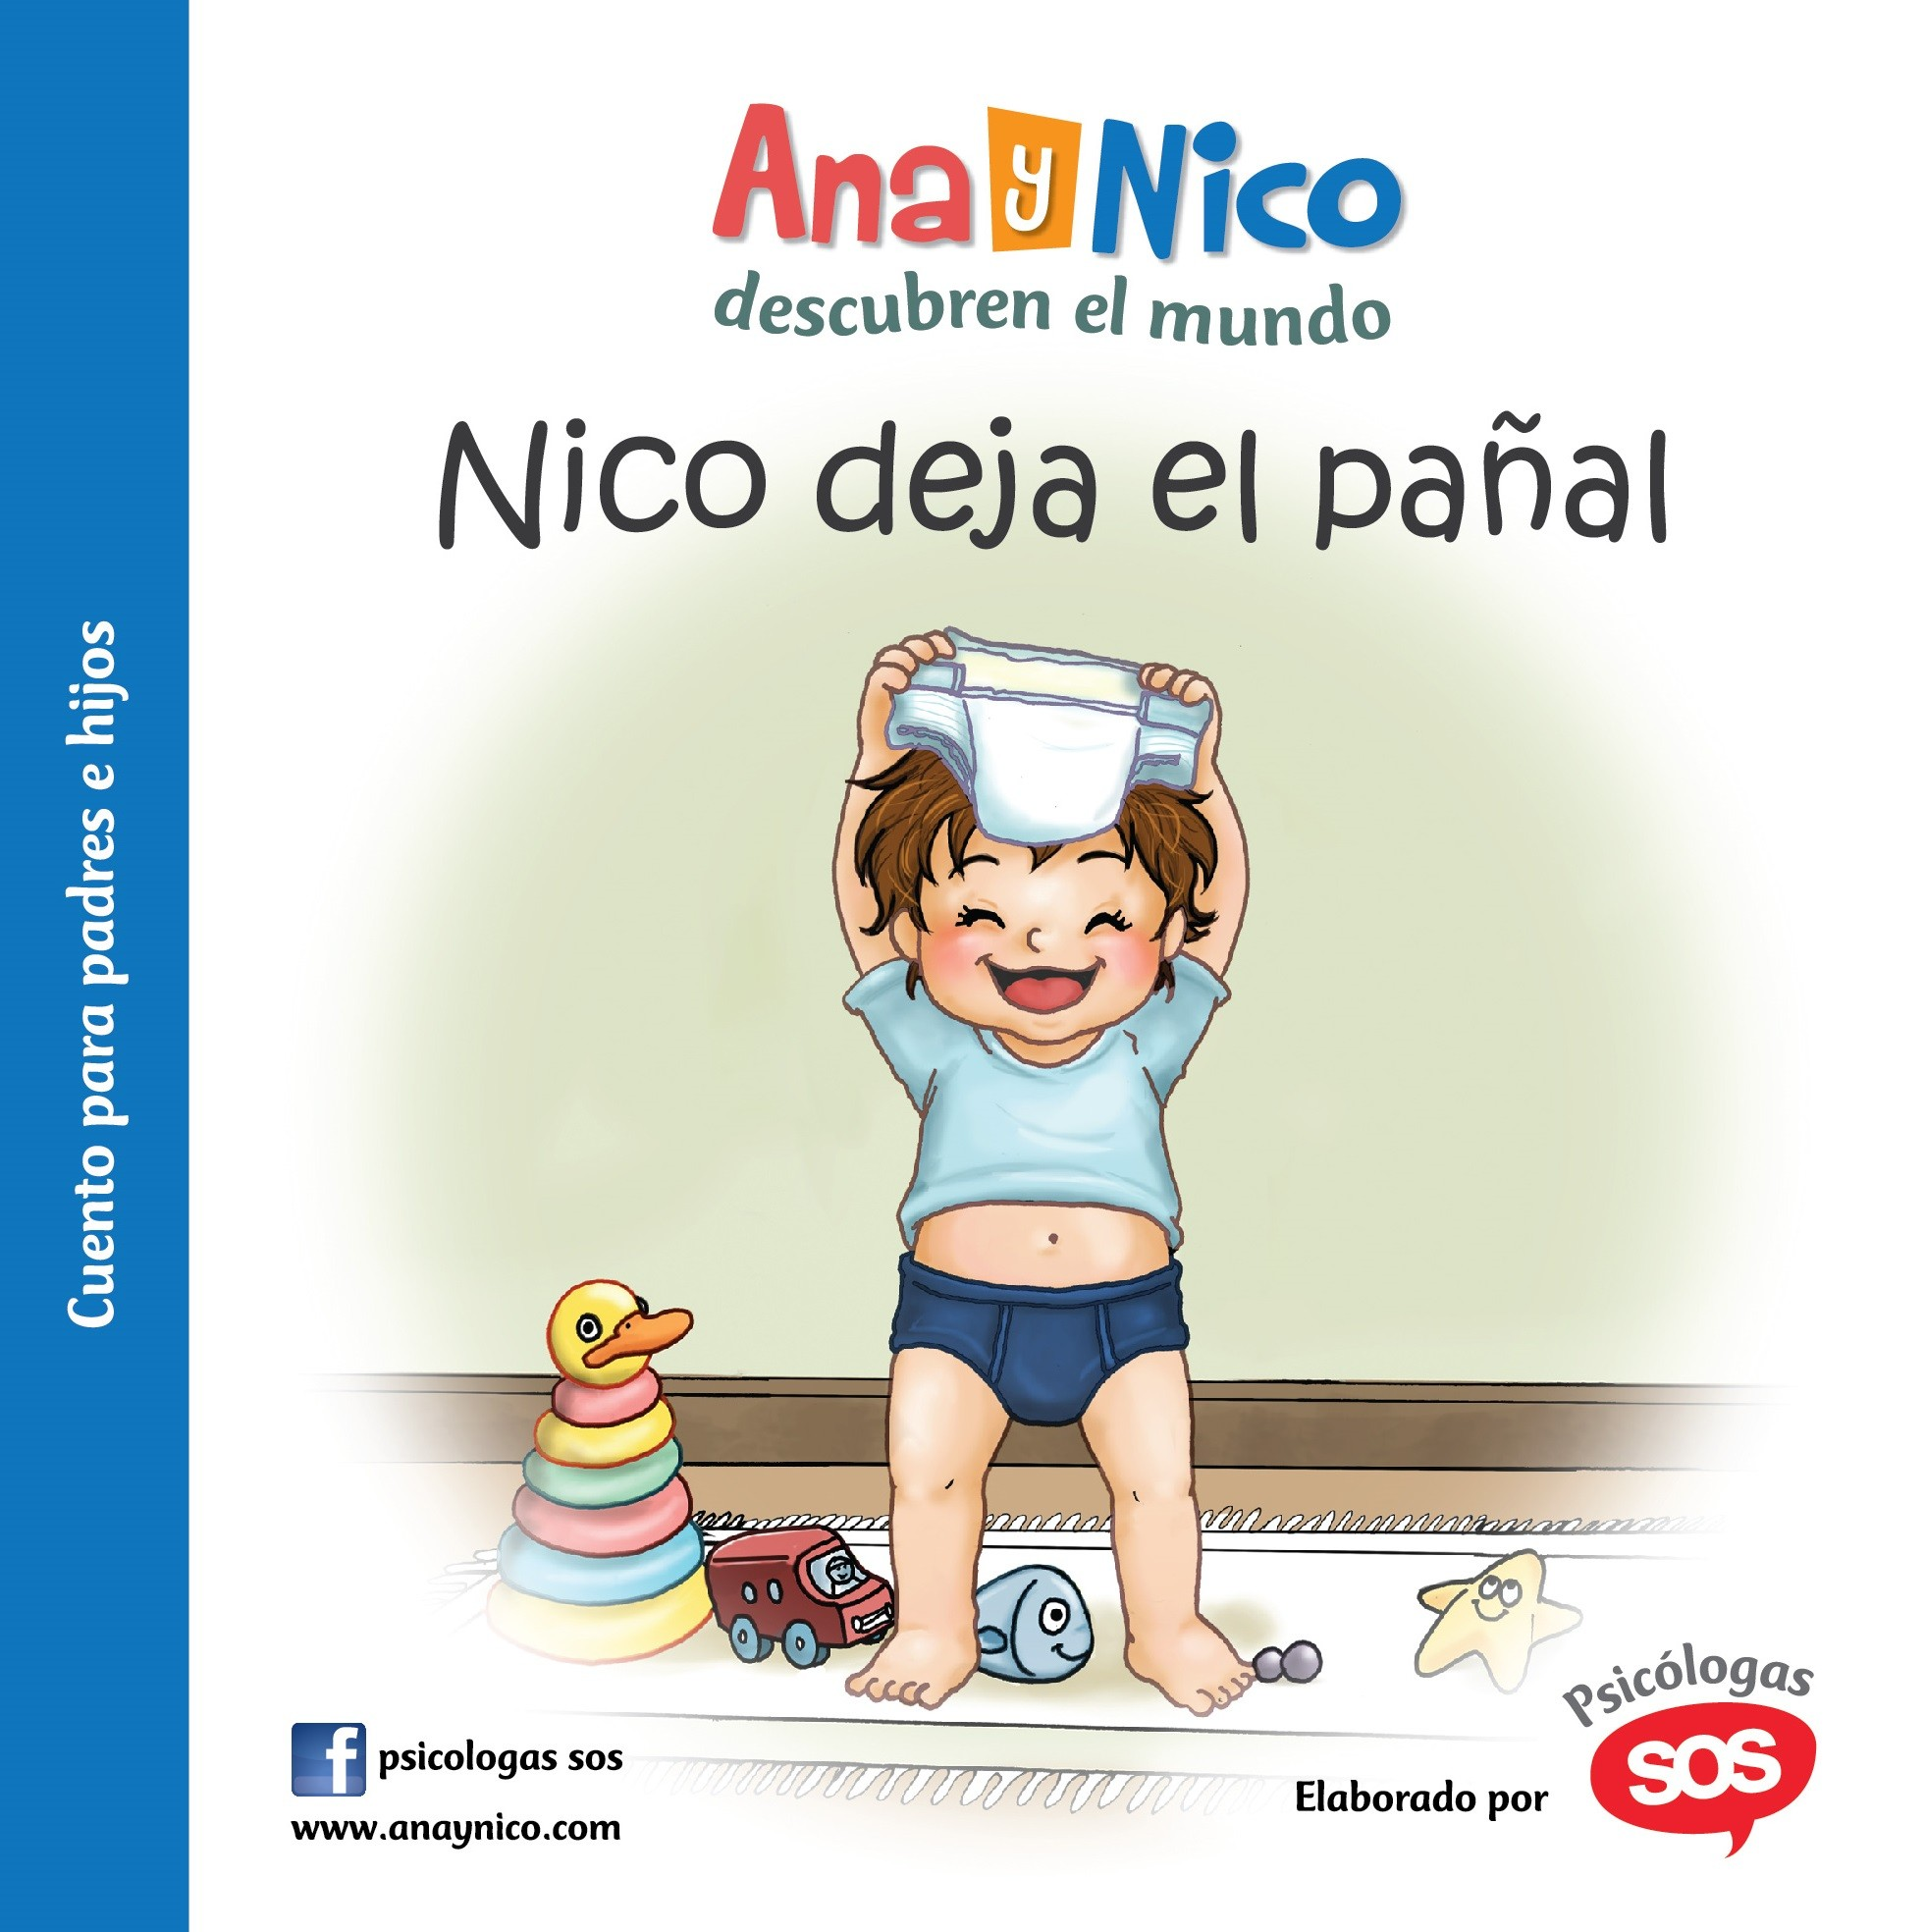 Ana y Nico - Nico deja el pañal